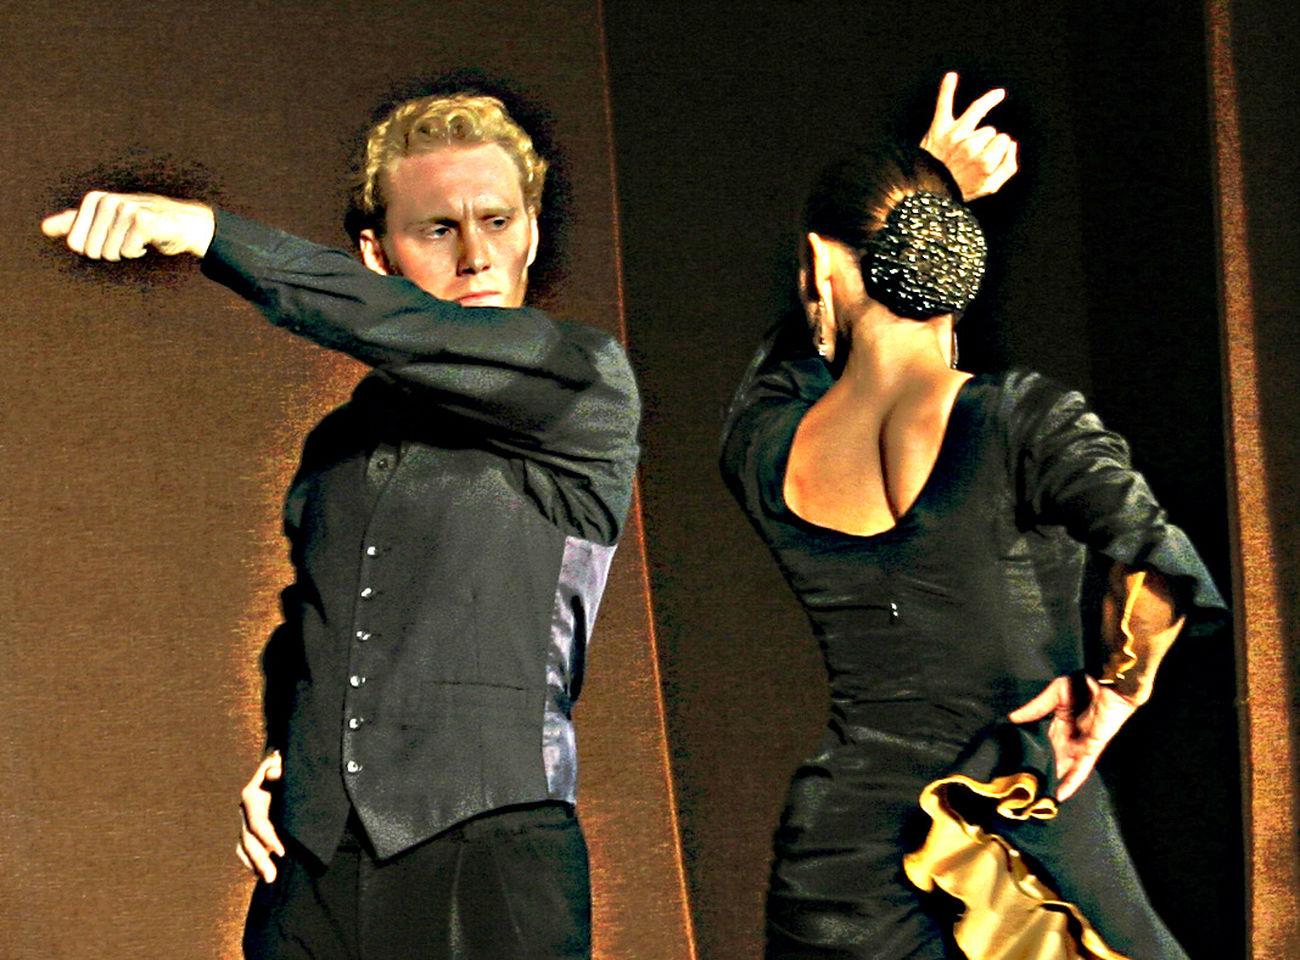 Flamenco Flamenco_dancers Flamenco_en_Rusia Flamencoderusia Flamencodemoscu Flamenco_de_moscú Baile Flamenco Baile Bailando Tientos Por Tientos La_Compañía Compañía_de_Danza_Española Dance Coreografia Coreography фламенко фламенко_в_России фламенко_в_Москве концерт фламенко танец